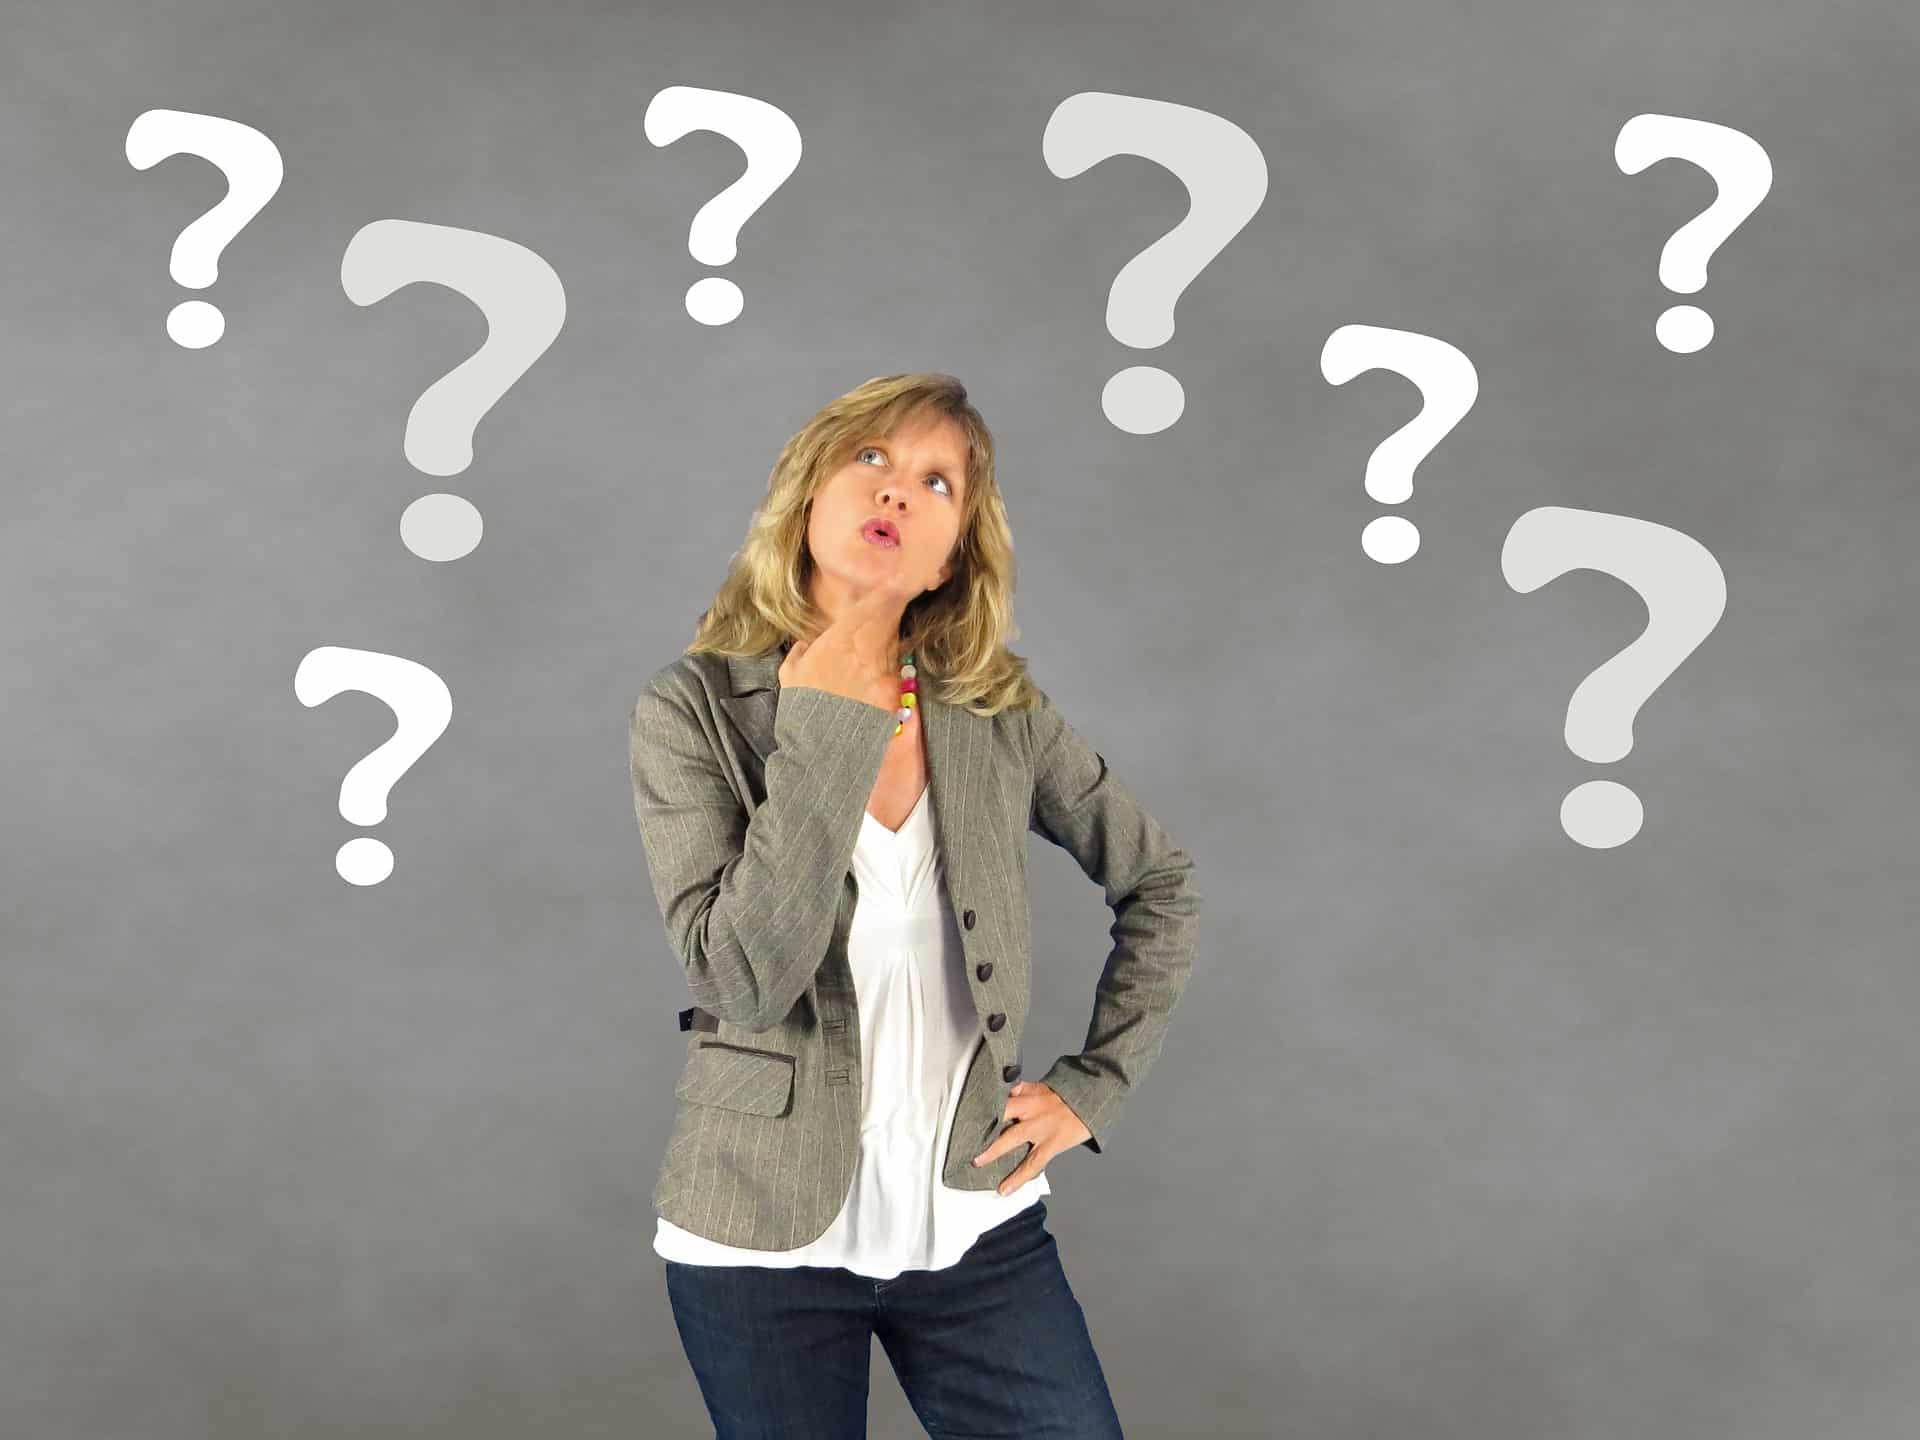 Uso dos Porquês - Porque, Por que, Porquê ou Por quê?